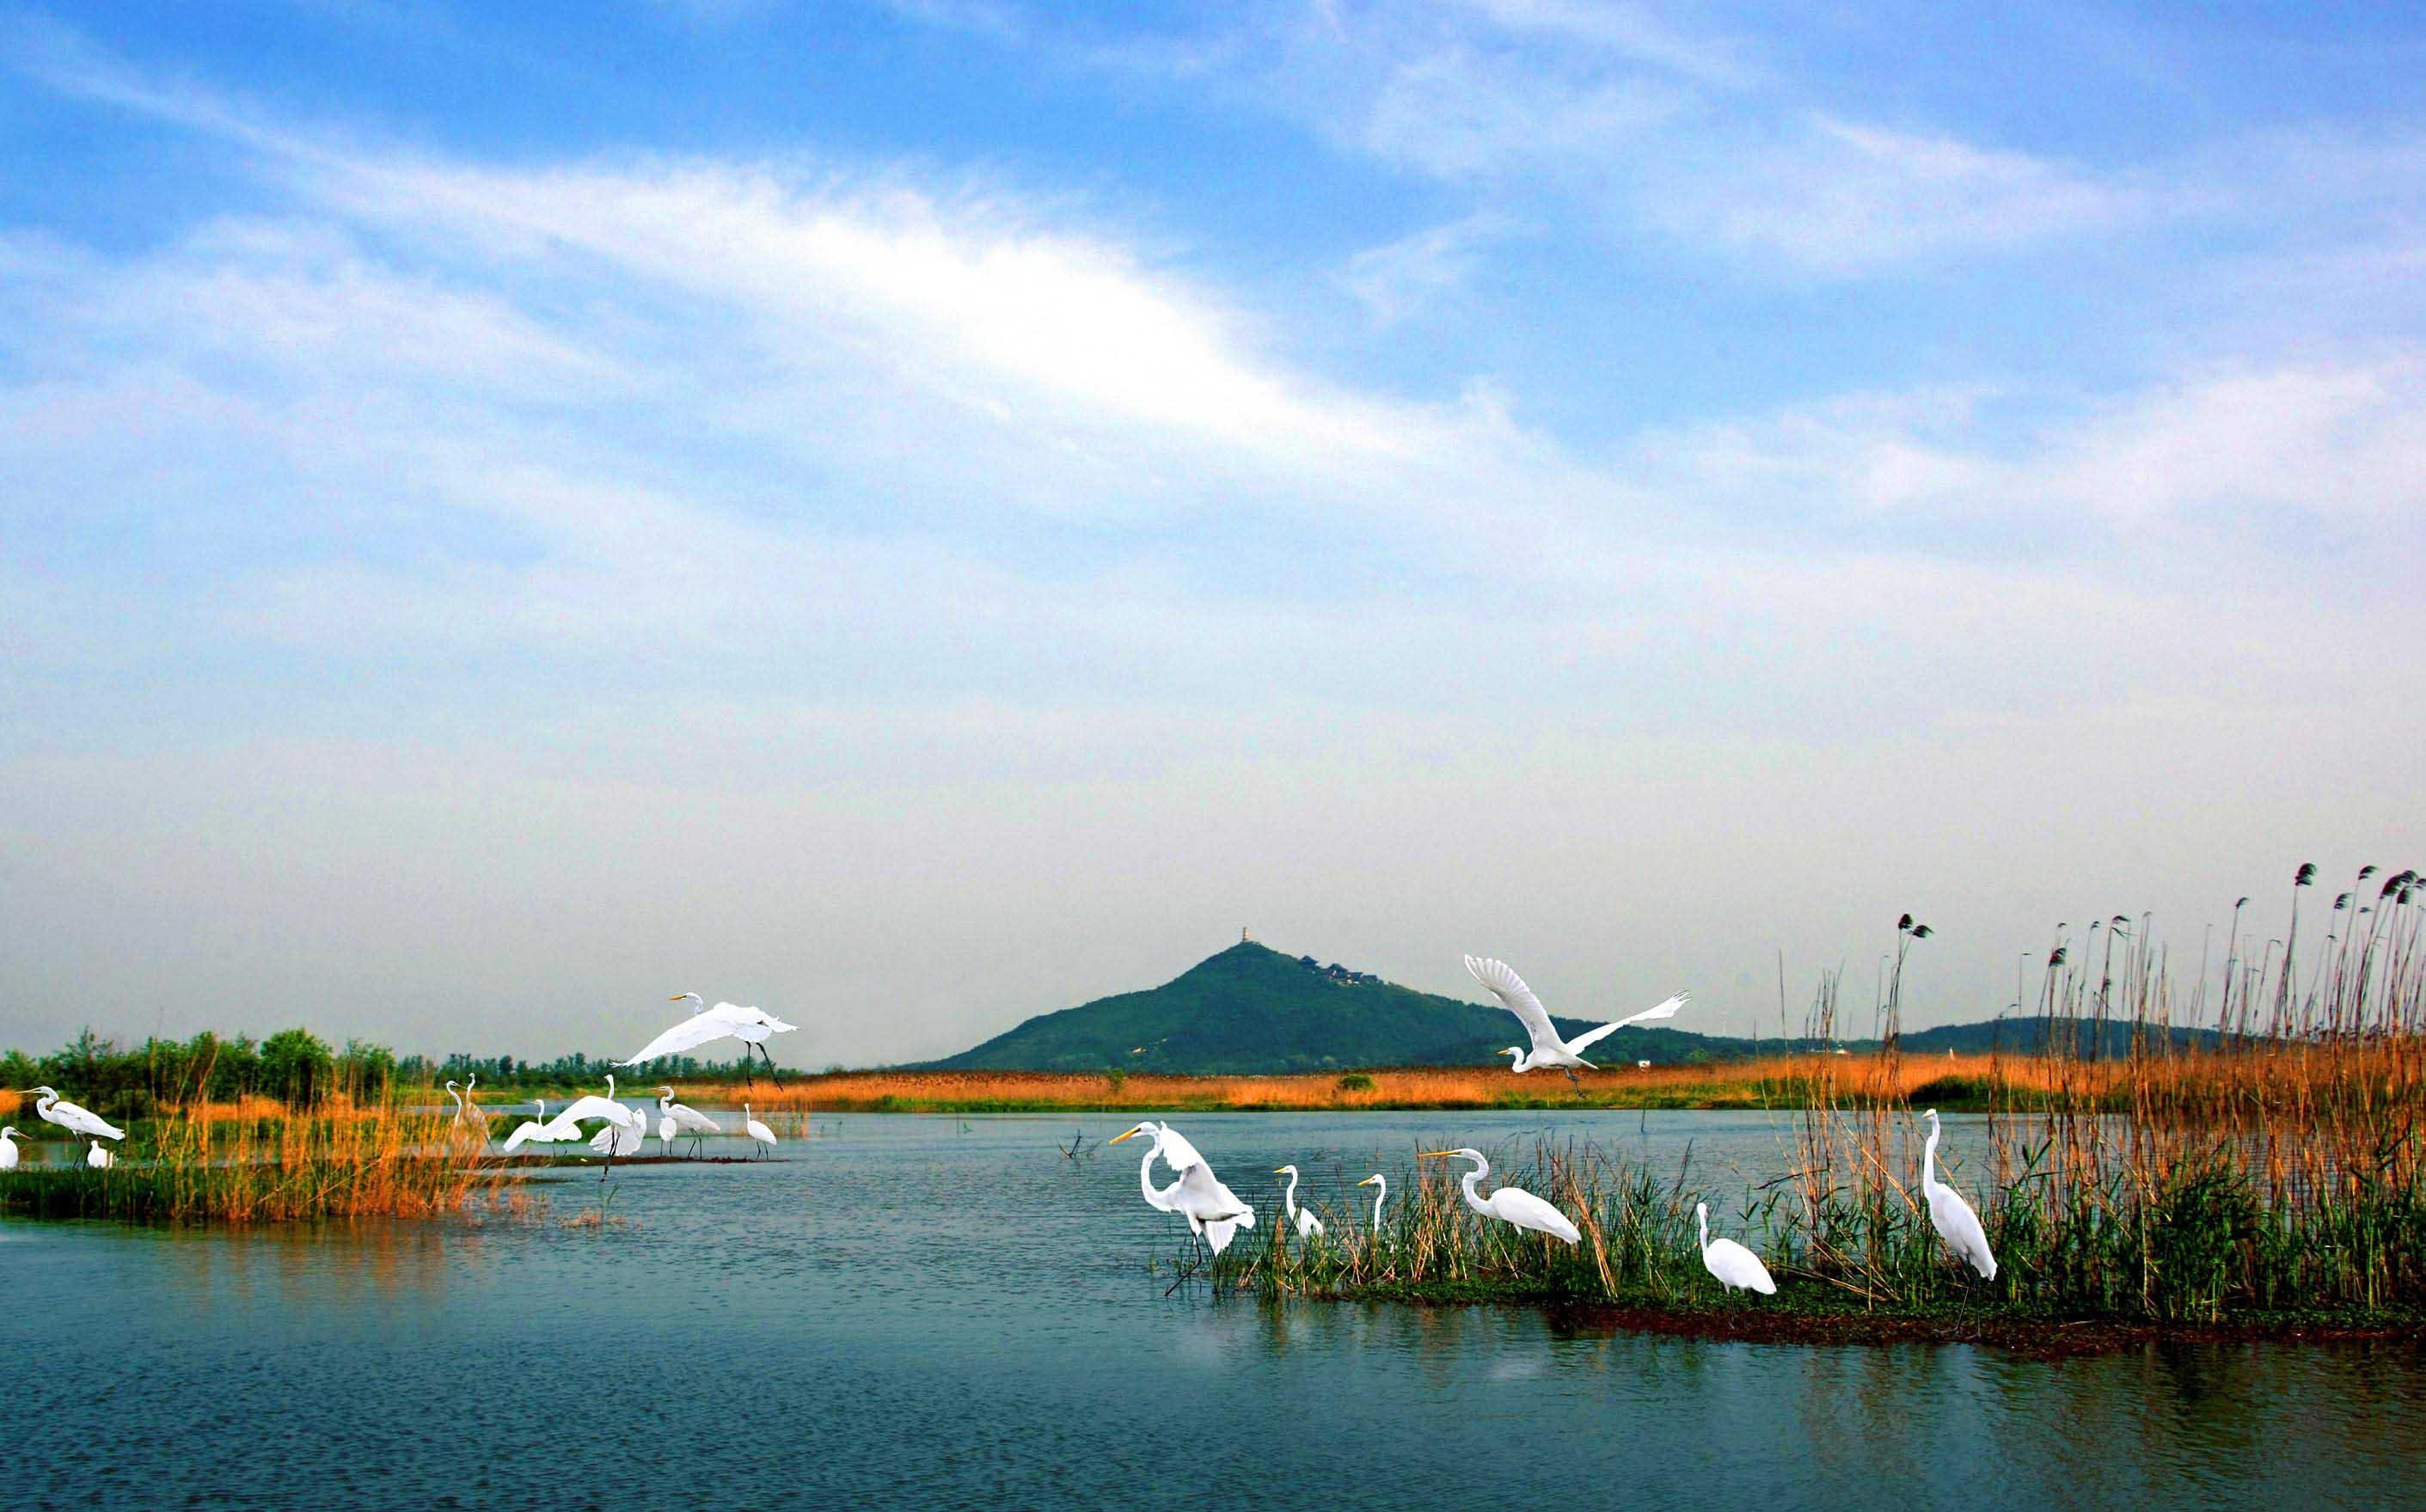 湿地生态系统——湿地分布、主要特点